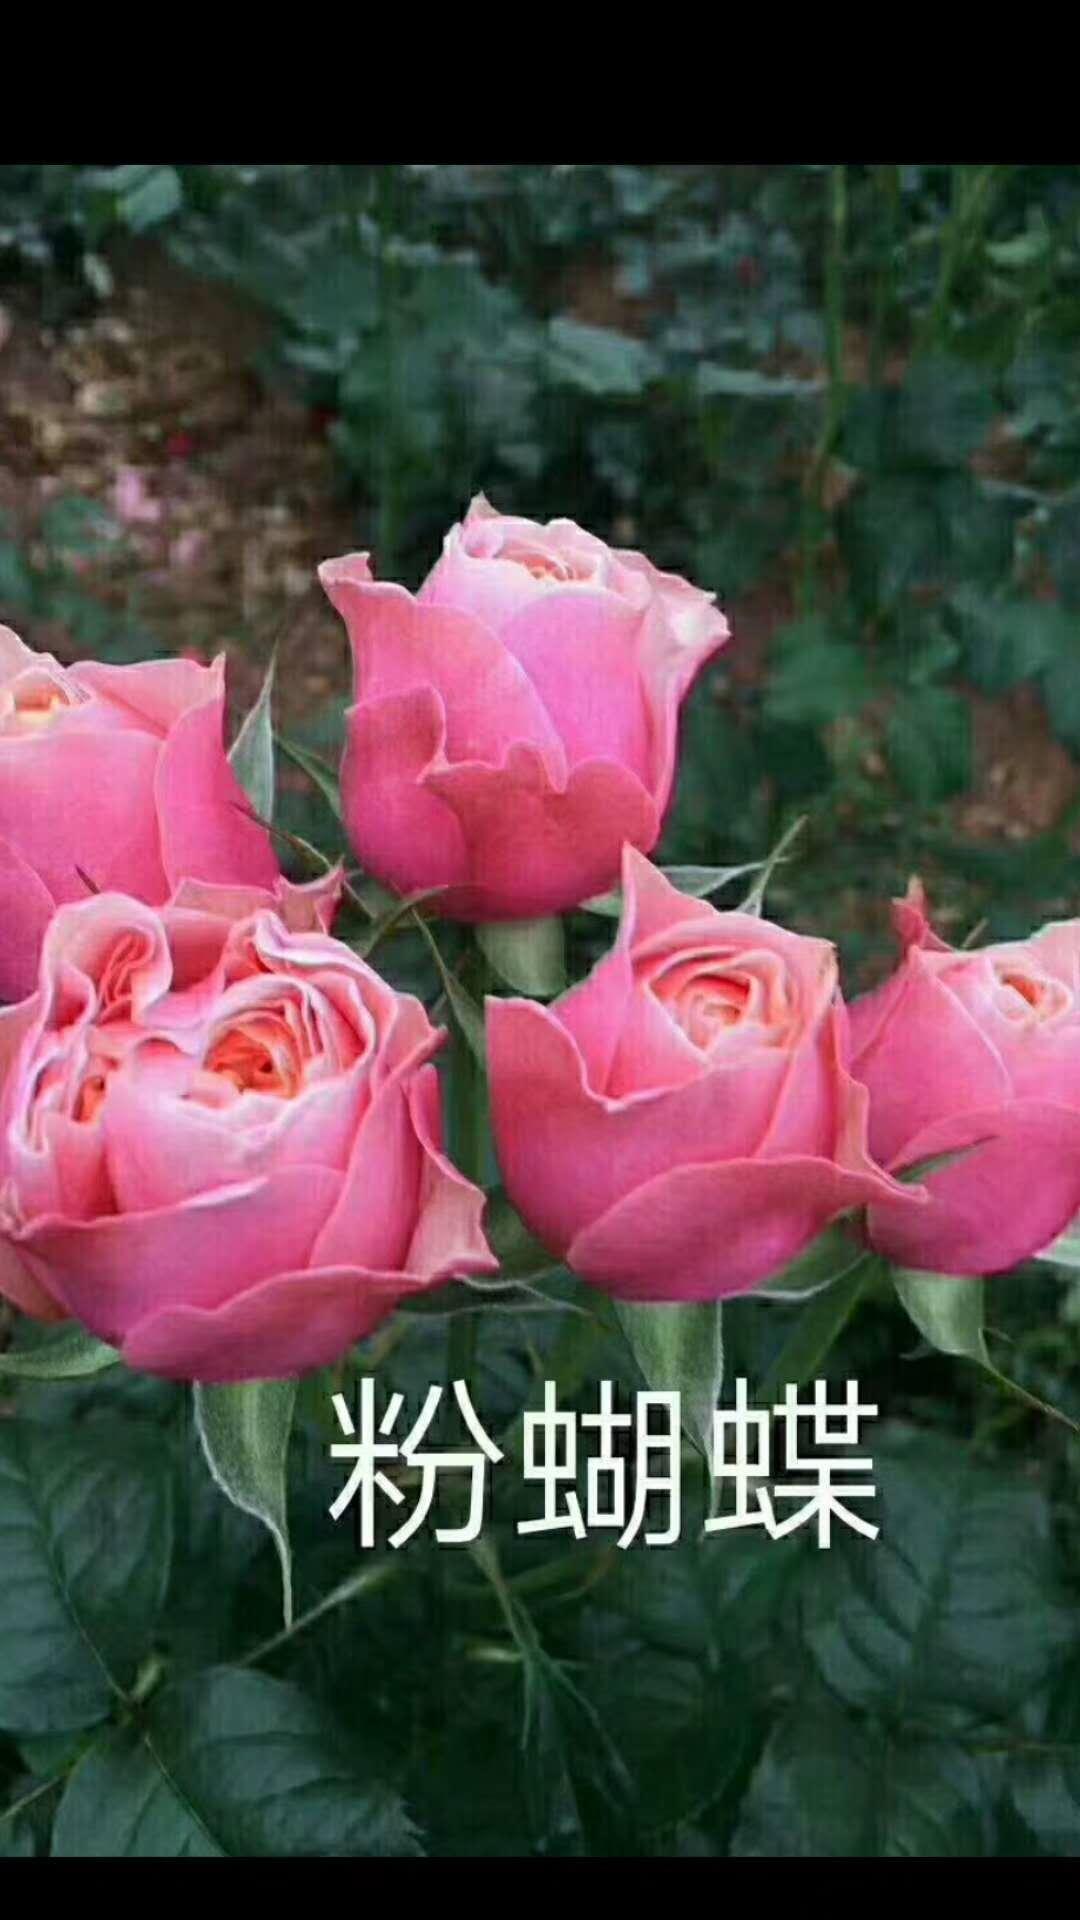 粉蝴蝶玫瑰花供应商  粉蝴蝶玫瑰花价格 云南粉蝴蝶玫瑰花